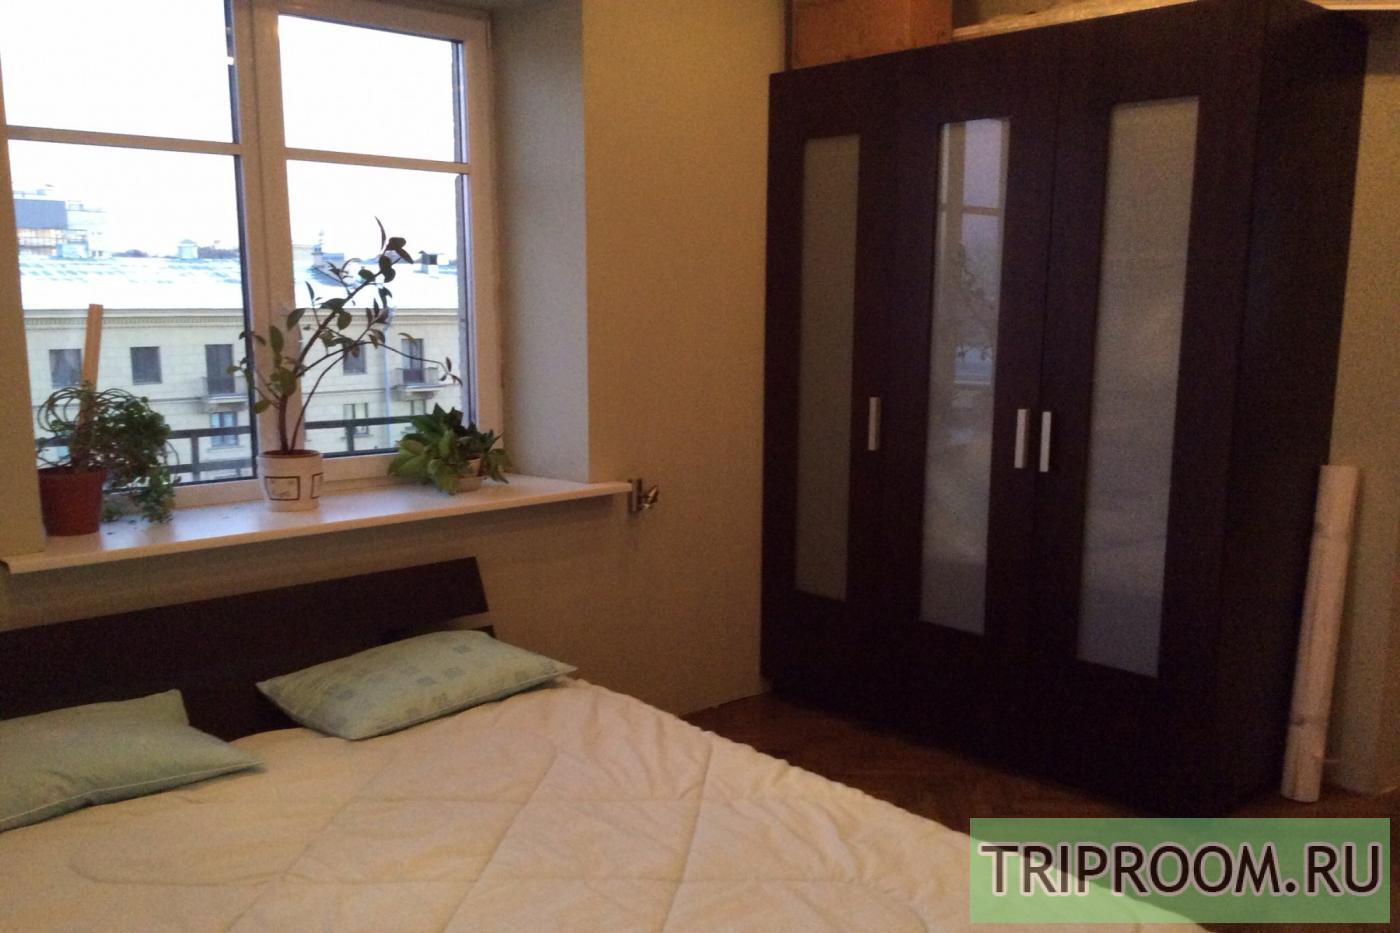 2-комнатная квартира посуточно (вариант № 32172), ул. Лесной, фото № 5